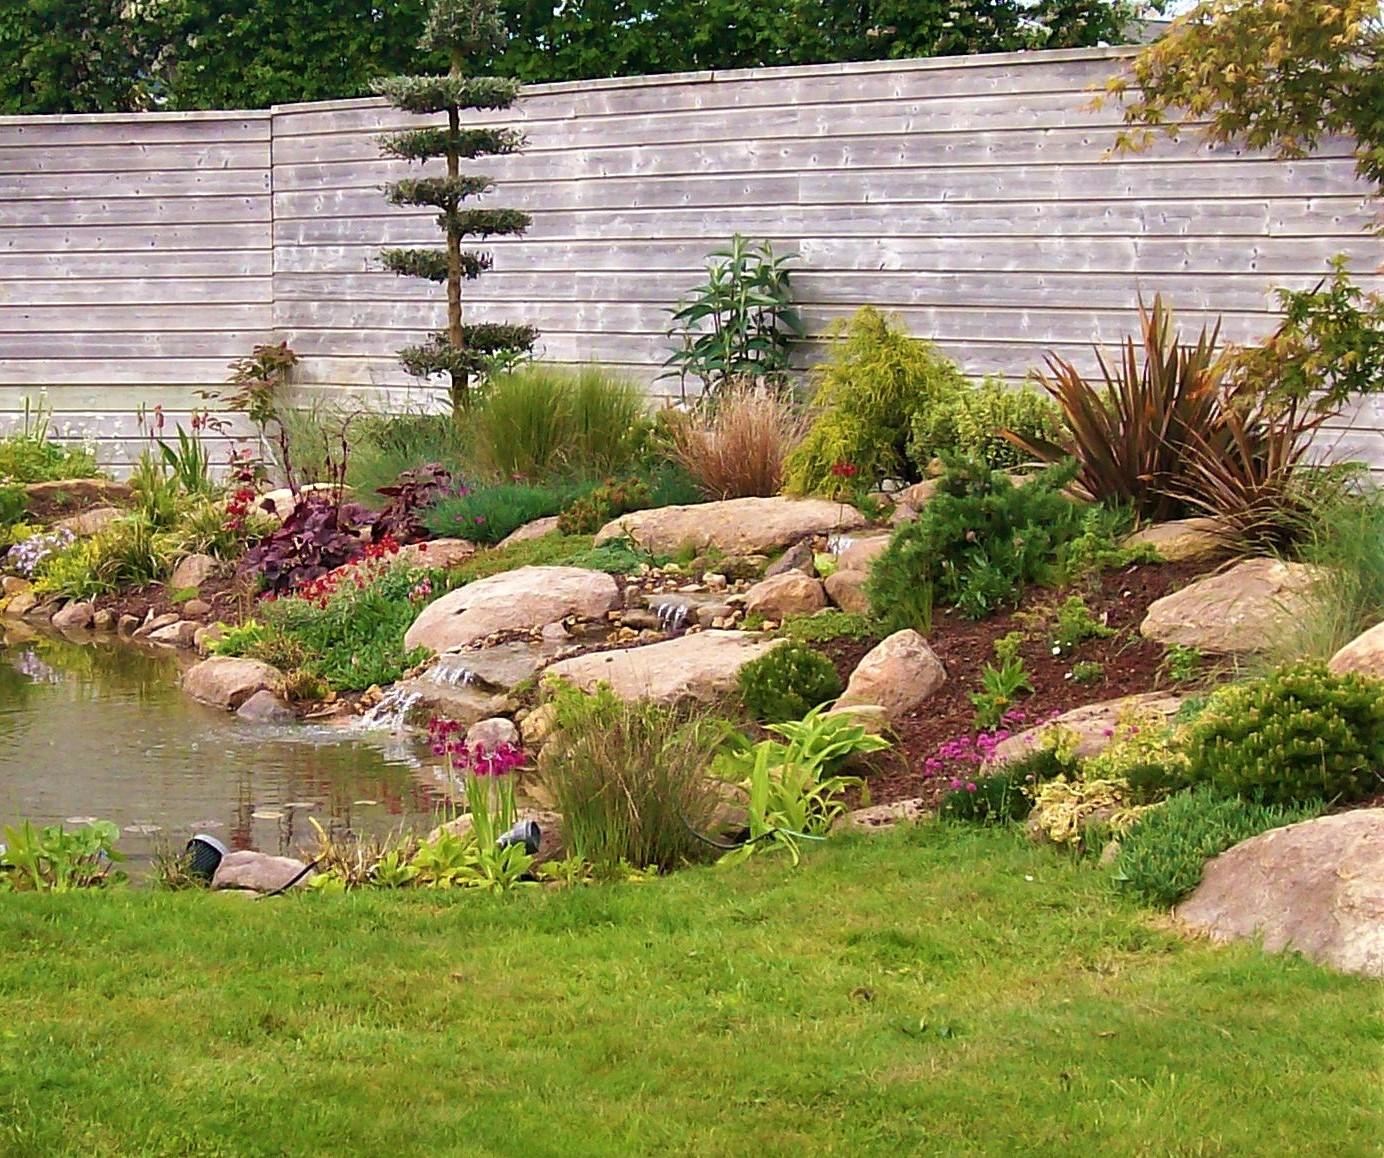 ambiance végétale eau gazon brochard paysage forcé